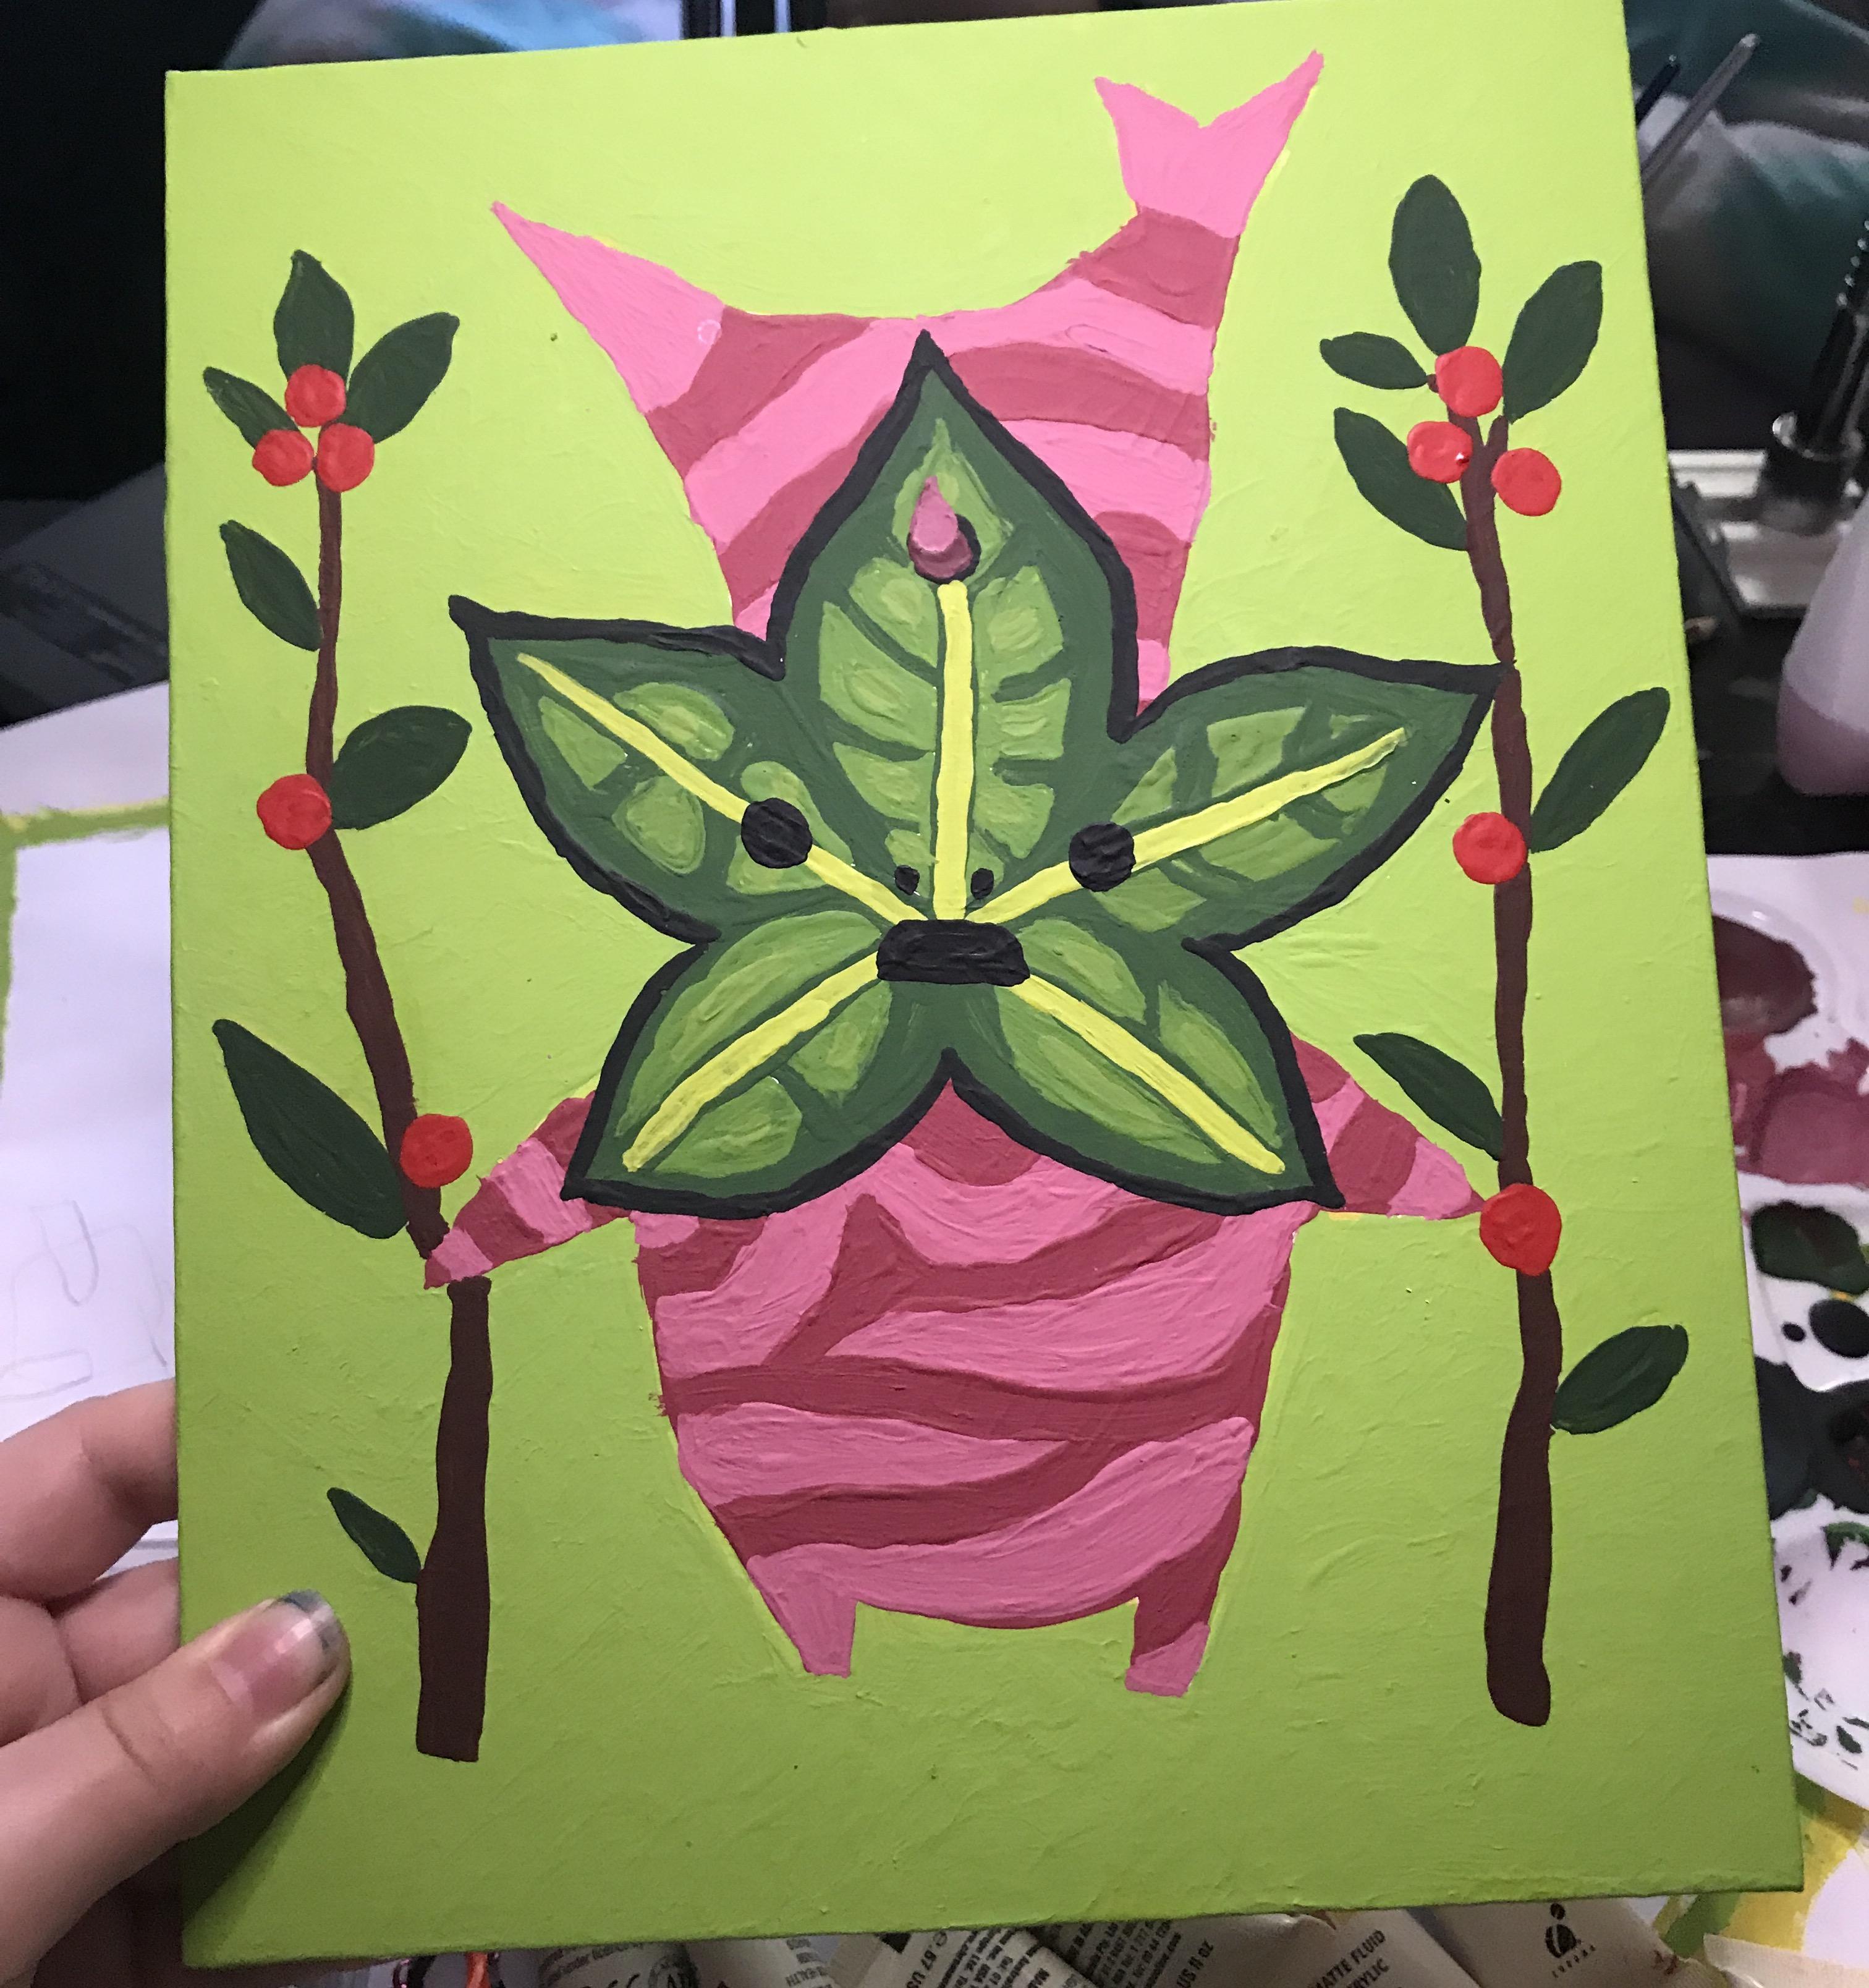 Korok Acrylic painting!